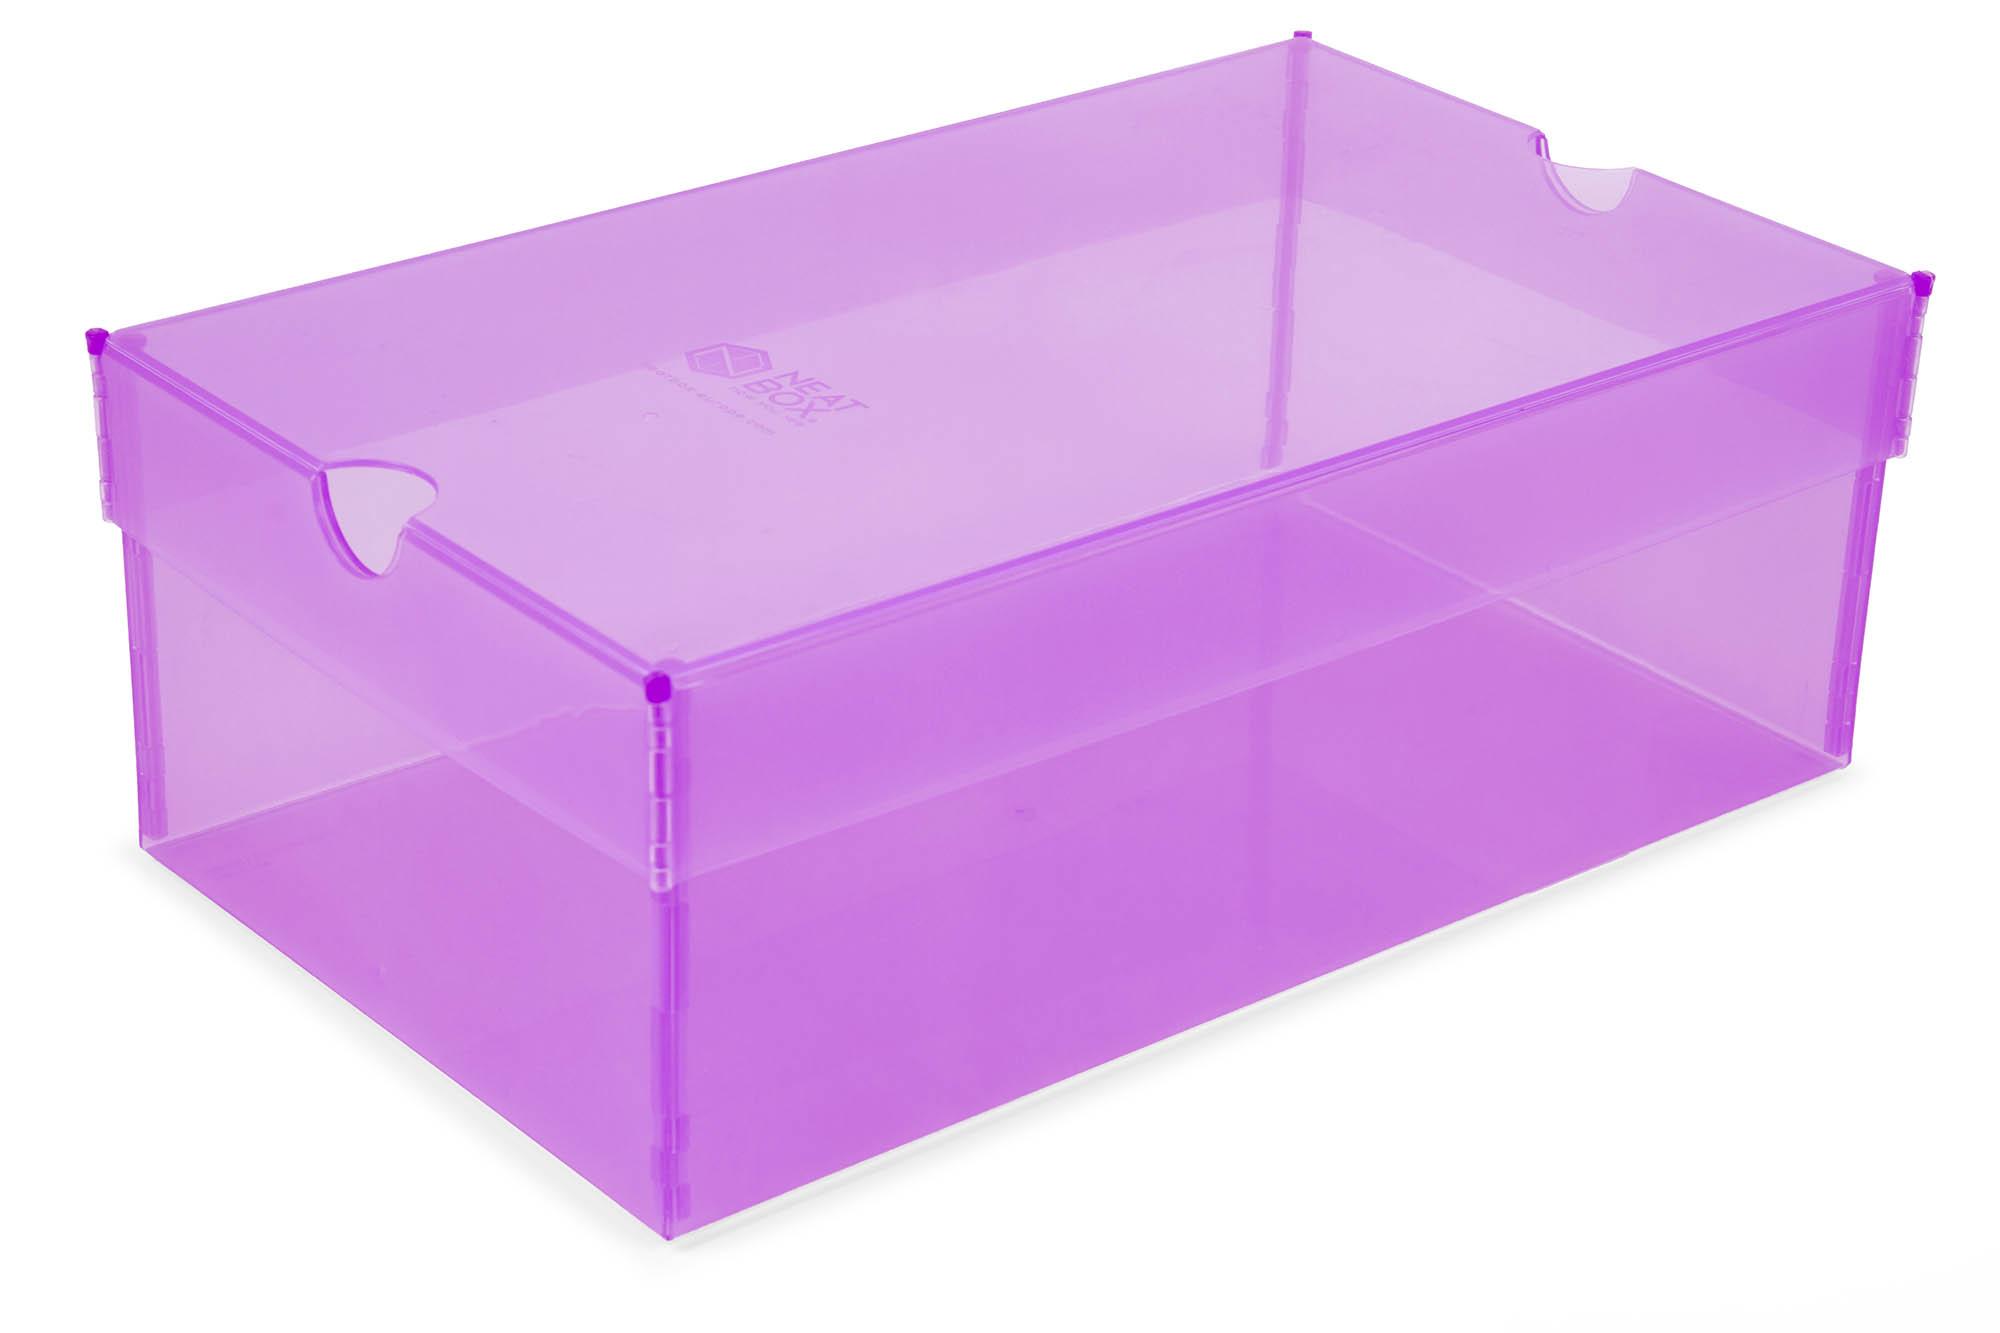 Caixa com fundo plano e tampa plana entregue para montagem - Pack 30